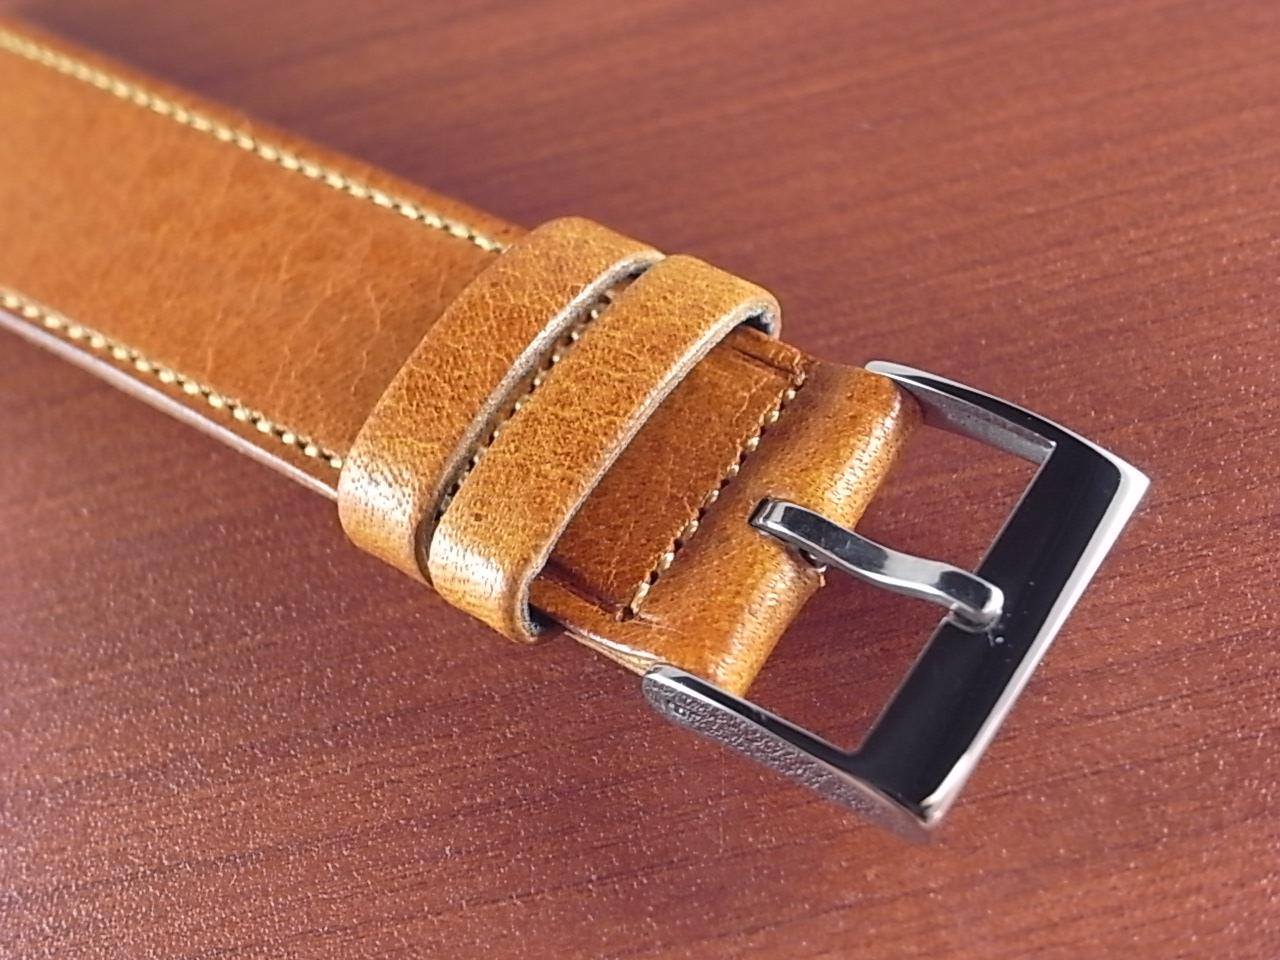 艶ありヌメ牛ステア 革ベルト ウィスキー 16mm CC-030aの写真3枚目